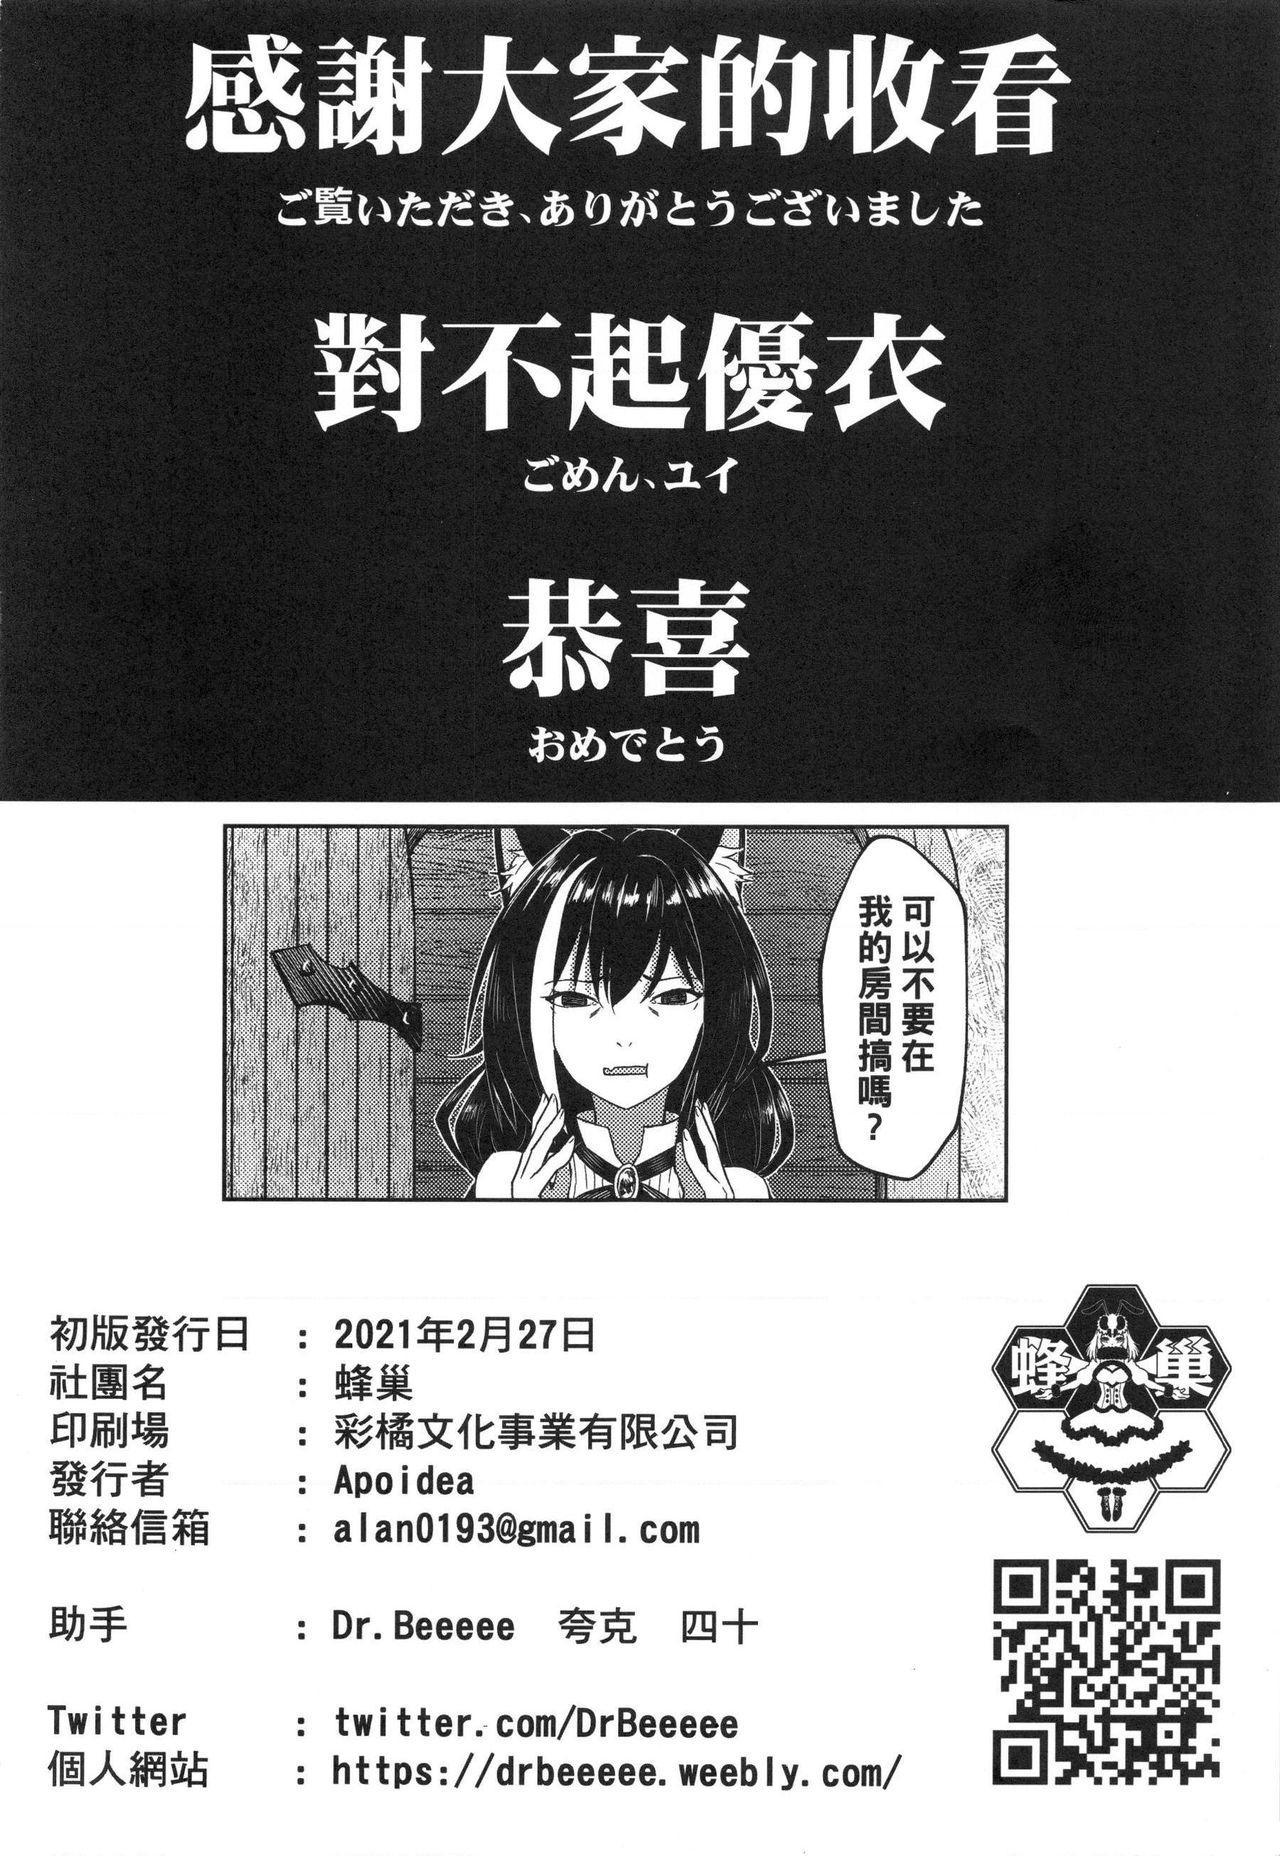 【台湾FF37】[蜂巢 (Apoidea)]《優衣與騎士君的倆人♡時光》[Chinese] (超異域公主連結 Re:Dive) [切嚕系女子個人搬運] [Decensored] 33